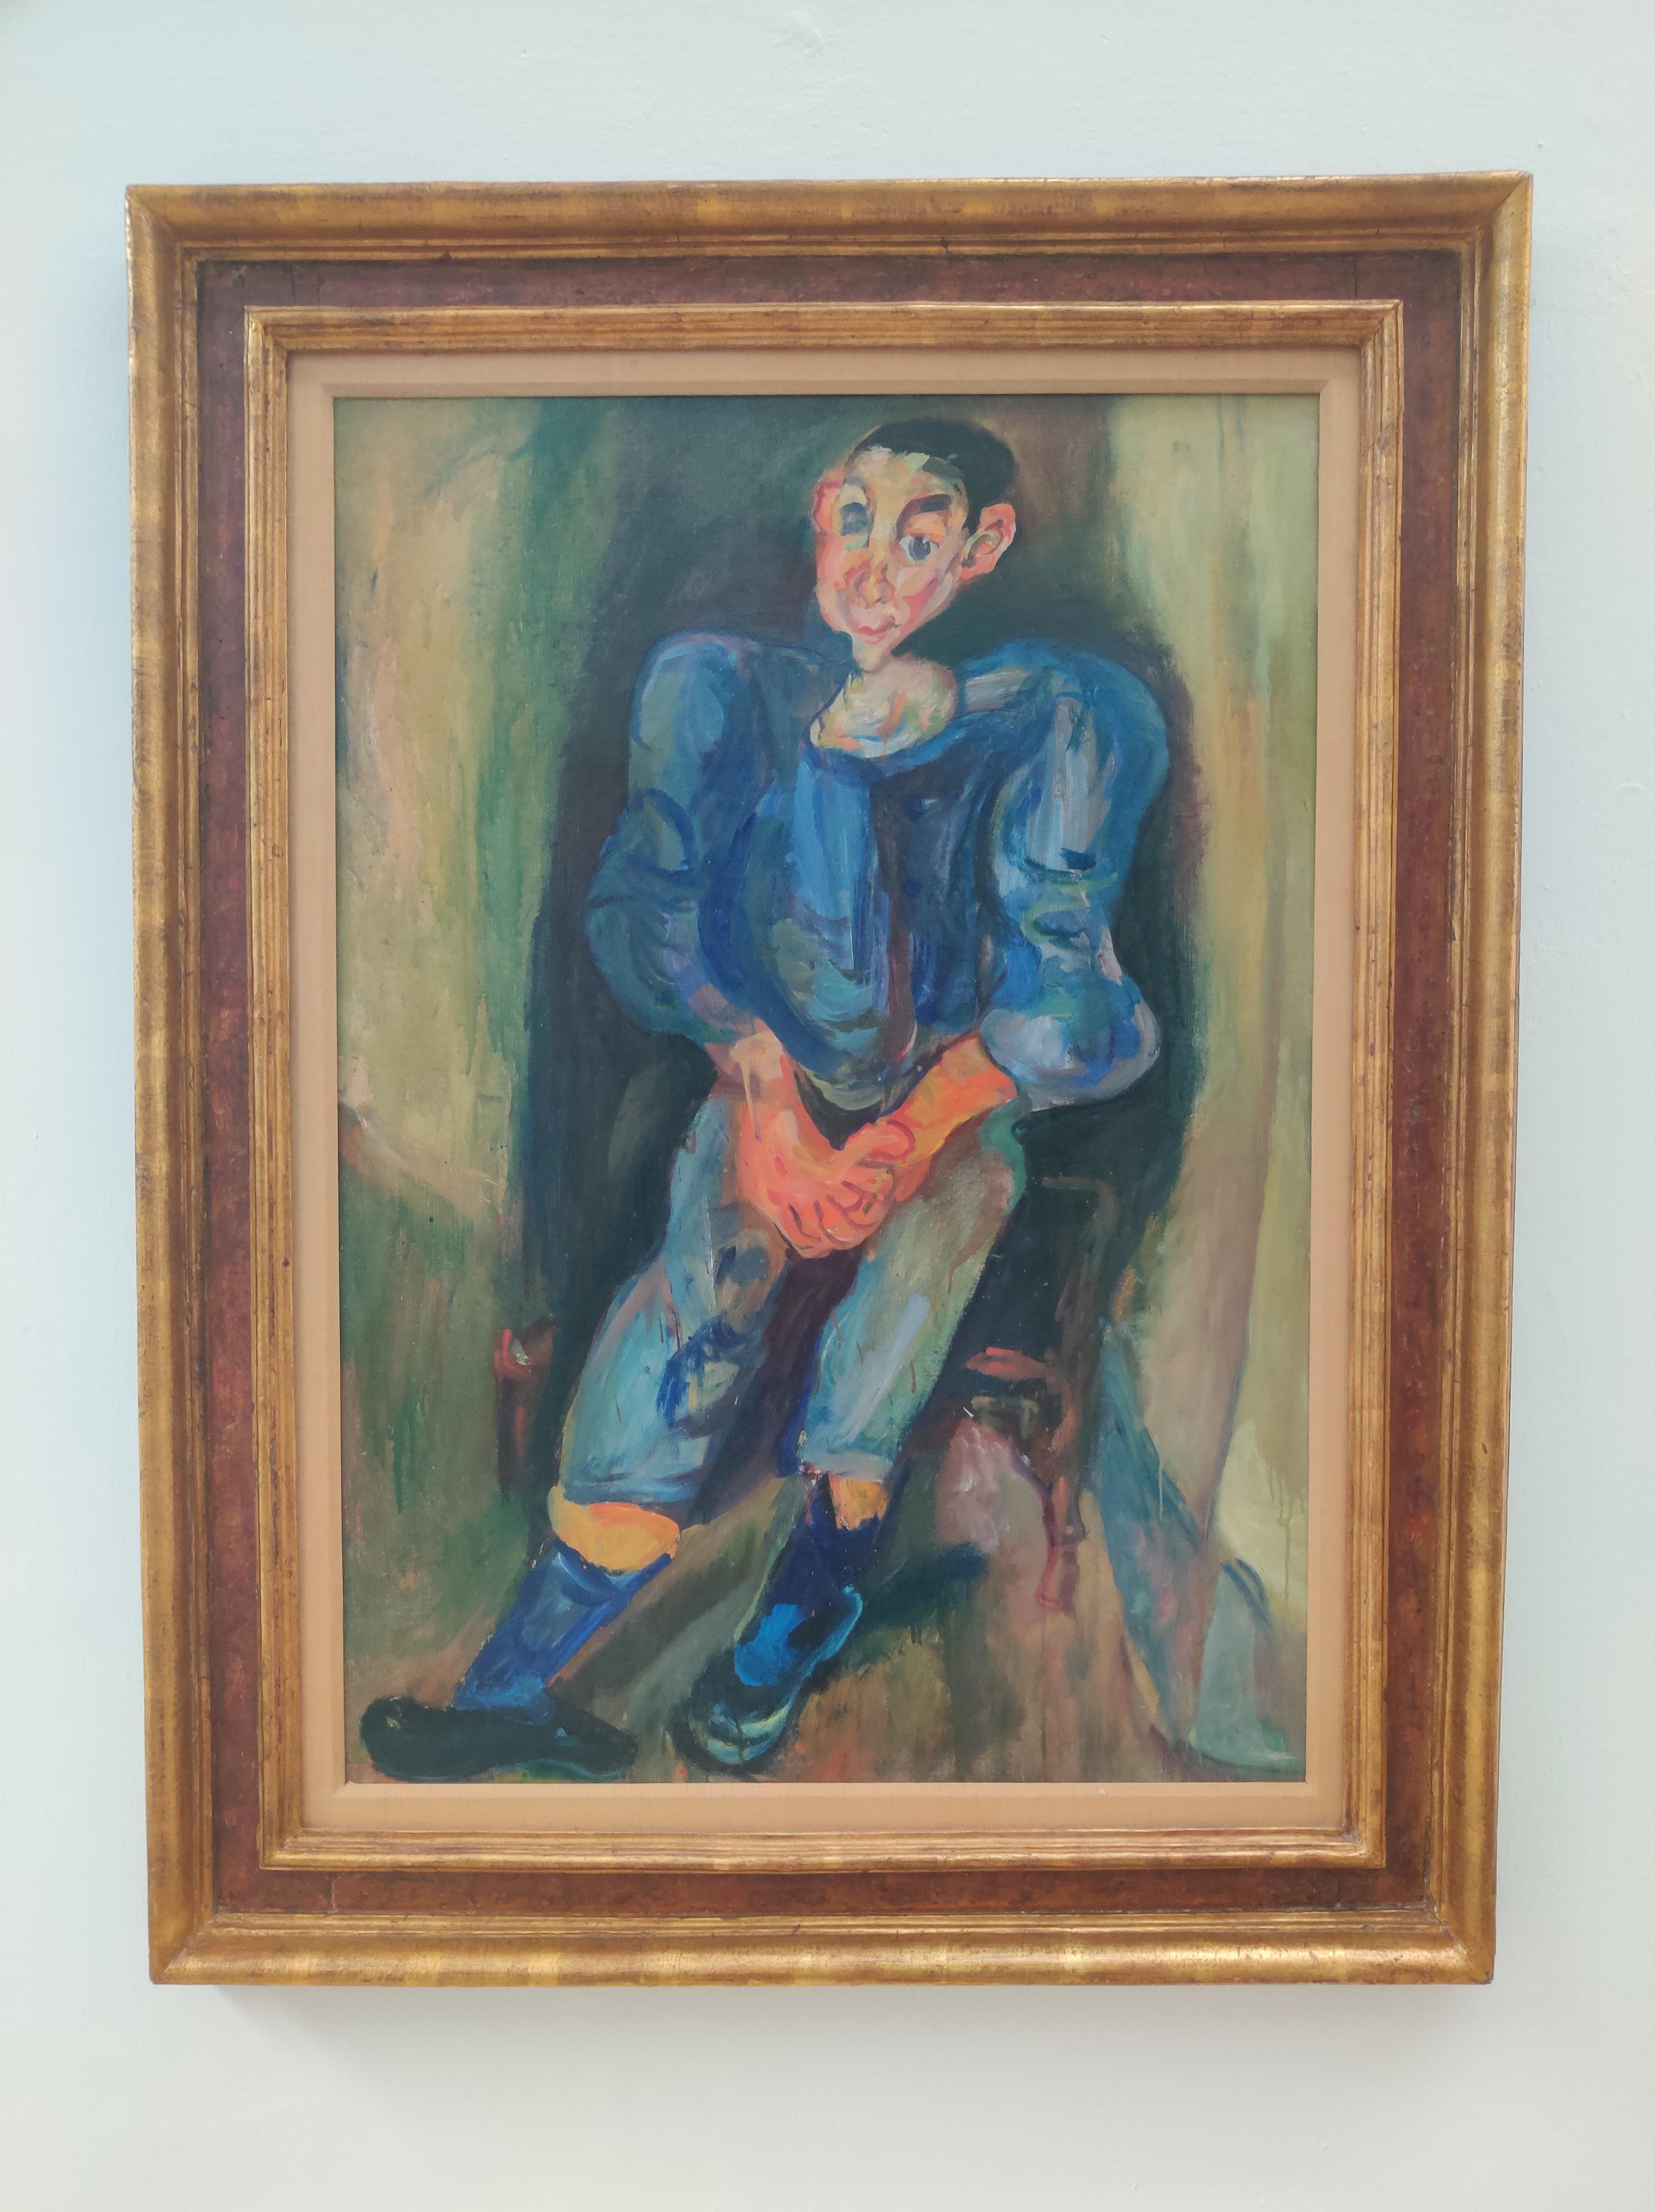 חיים סוטין, נער בכחול, 1924 בקירוב, מוזיאון ישראל, ירושלים.jpg